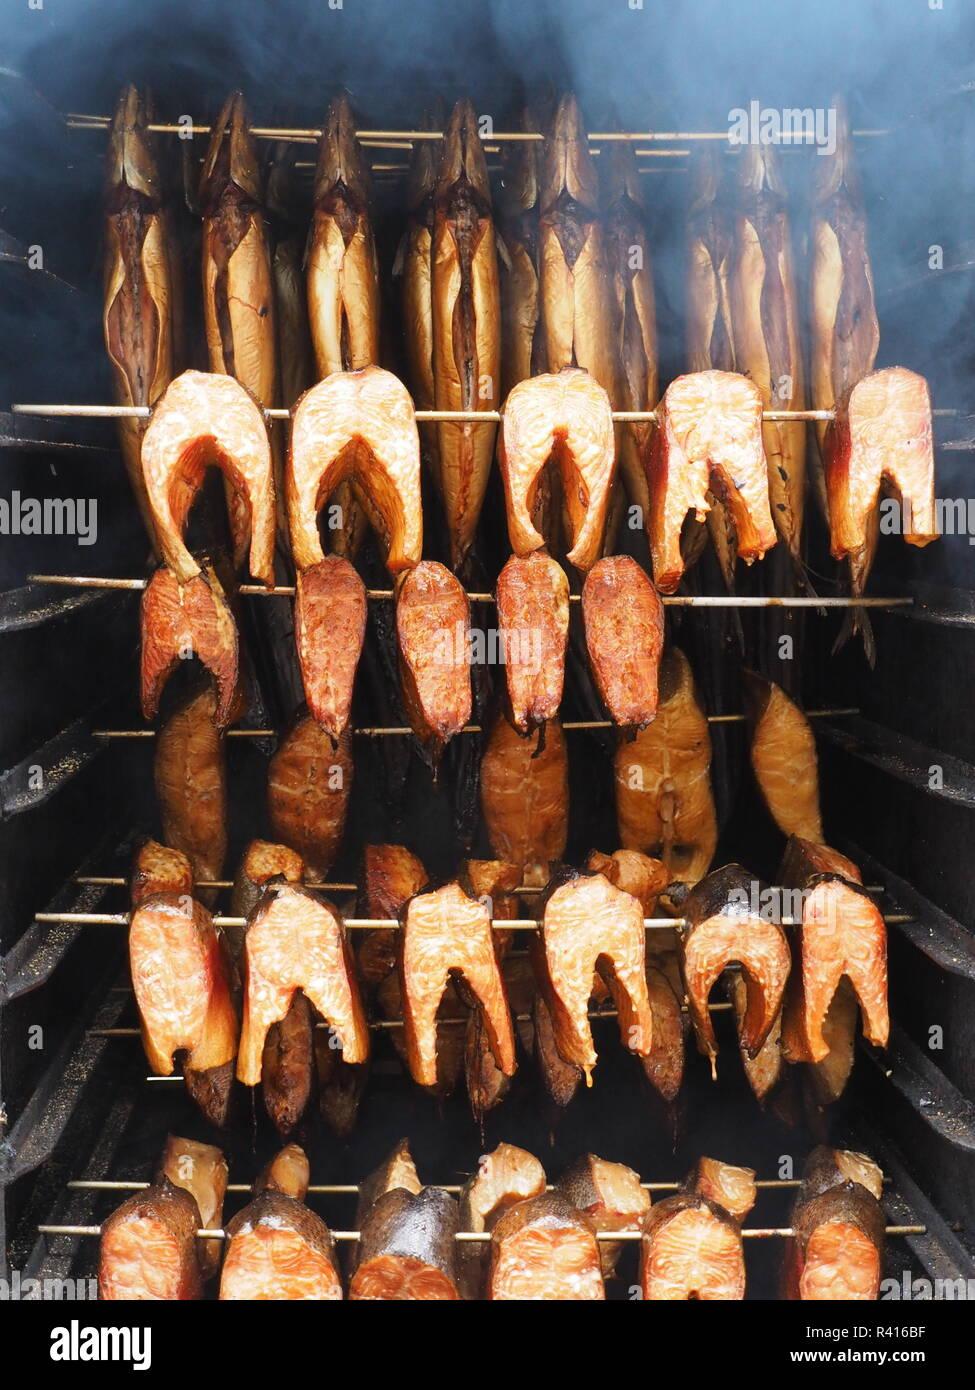 Smoked Fish Food Smoker Stockfotos & Smoked Fish Food Smoker